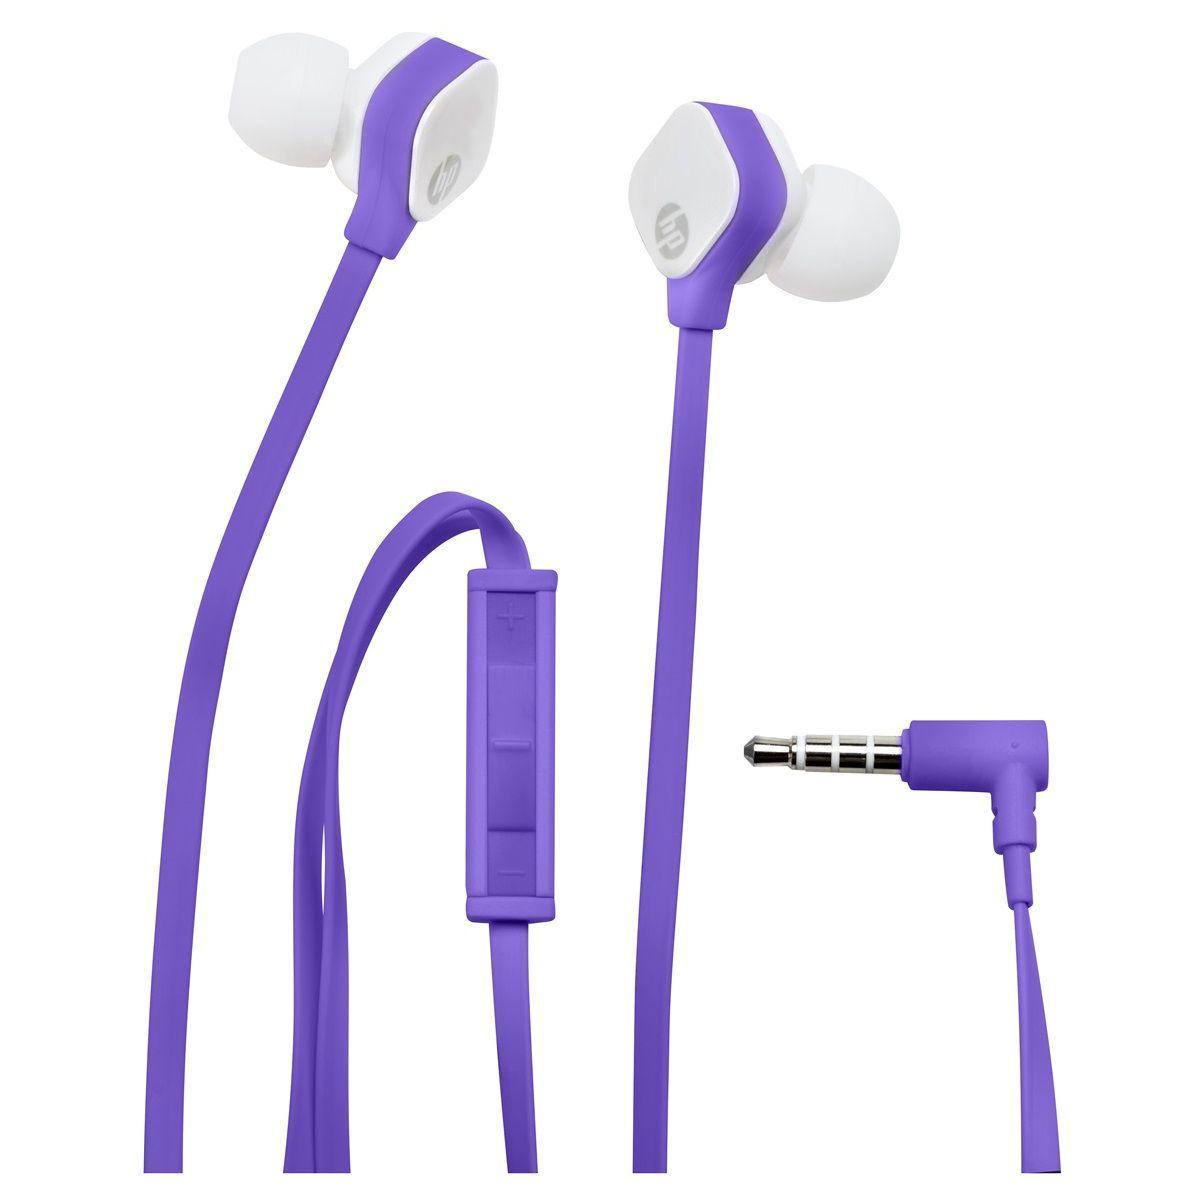 Casque micro hp h2310 violet - 3% de remise immédiate avec le code : multi3